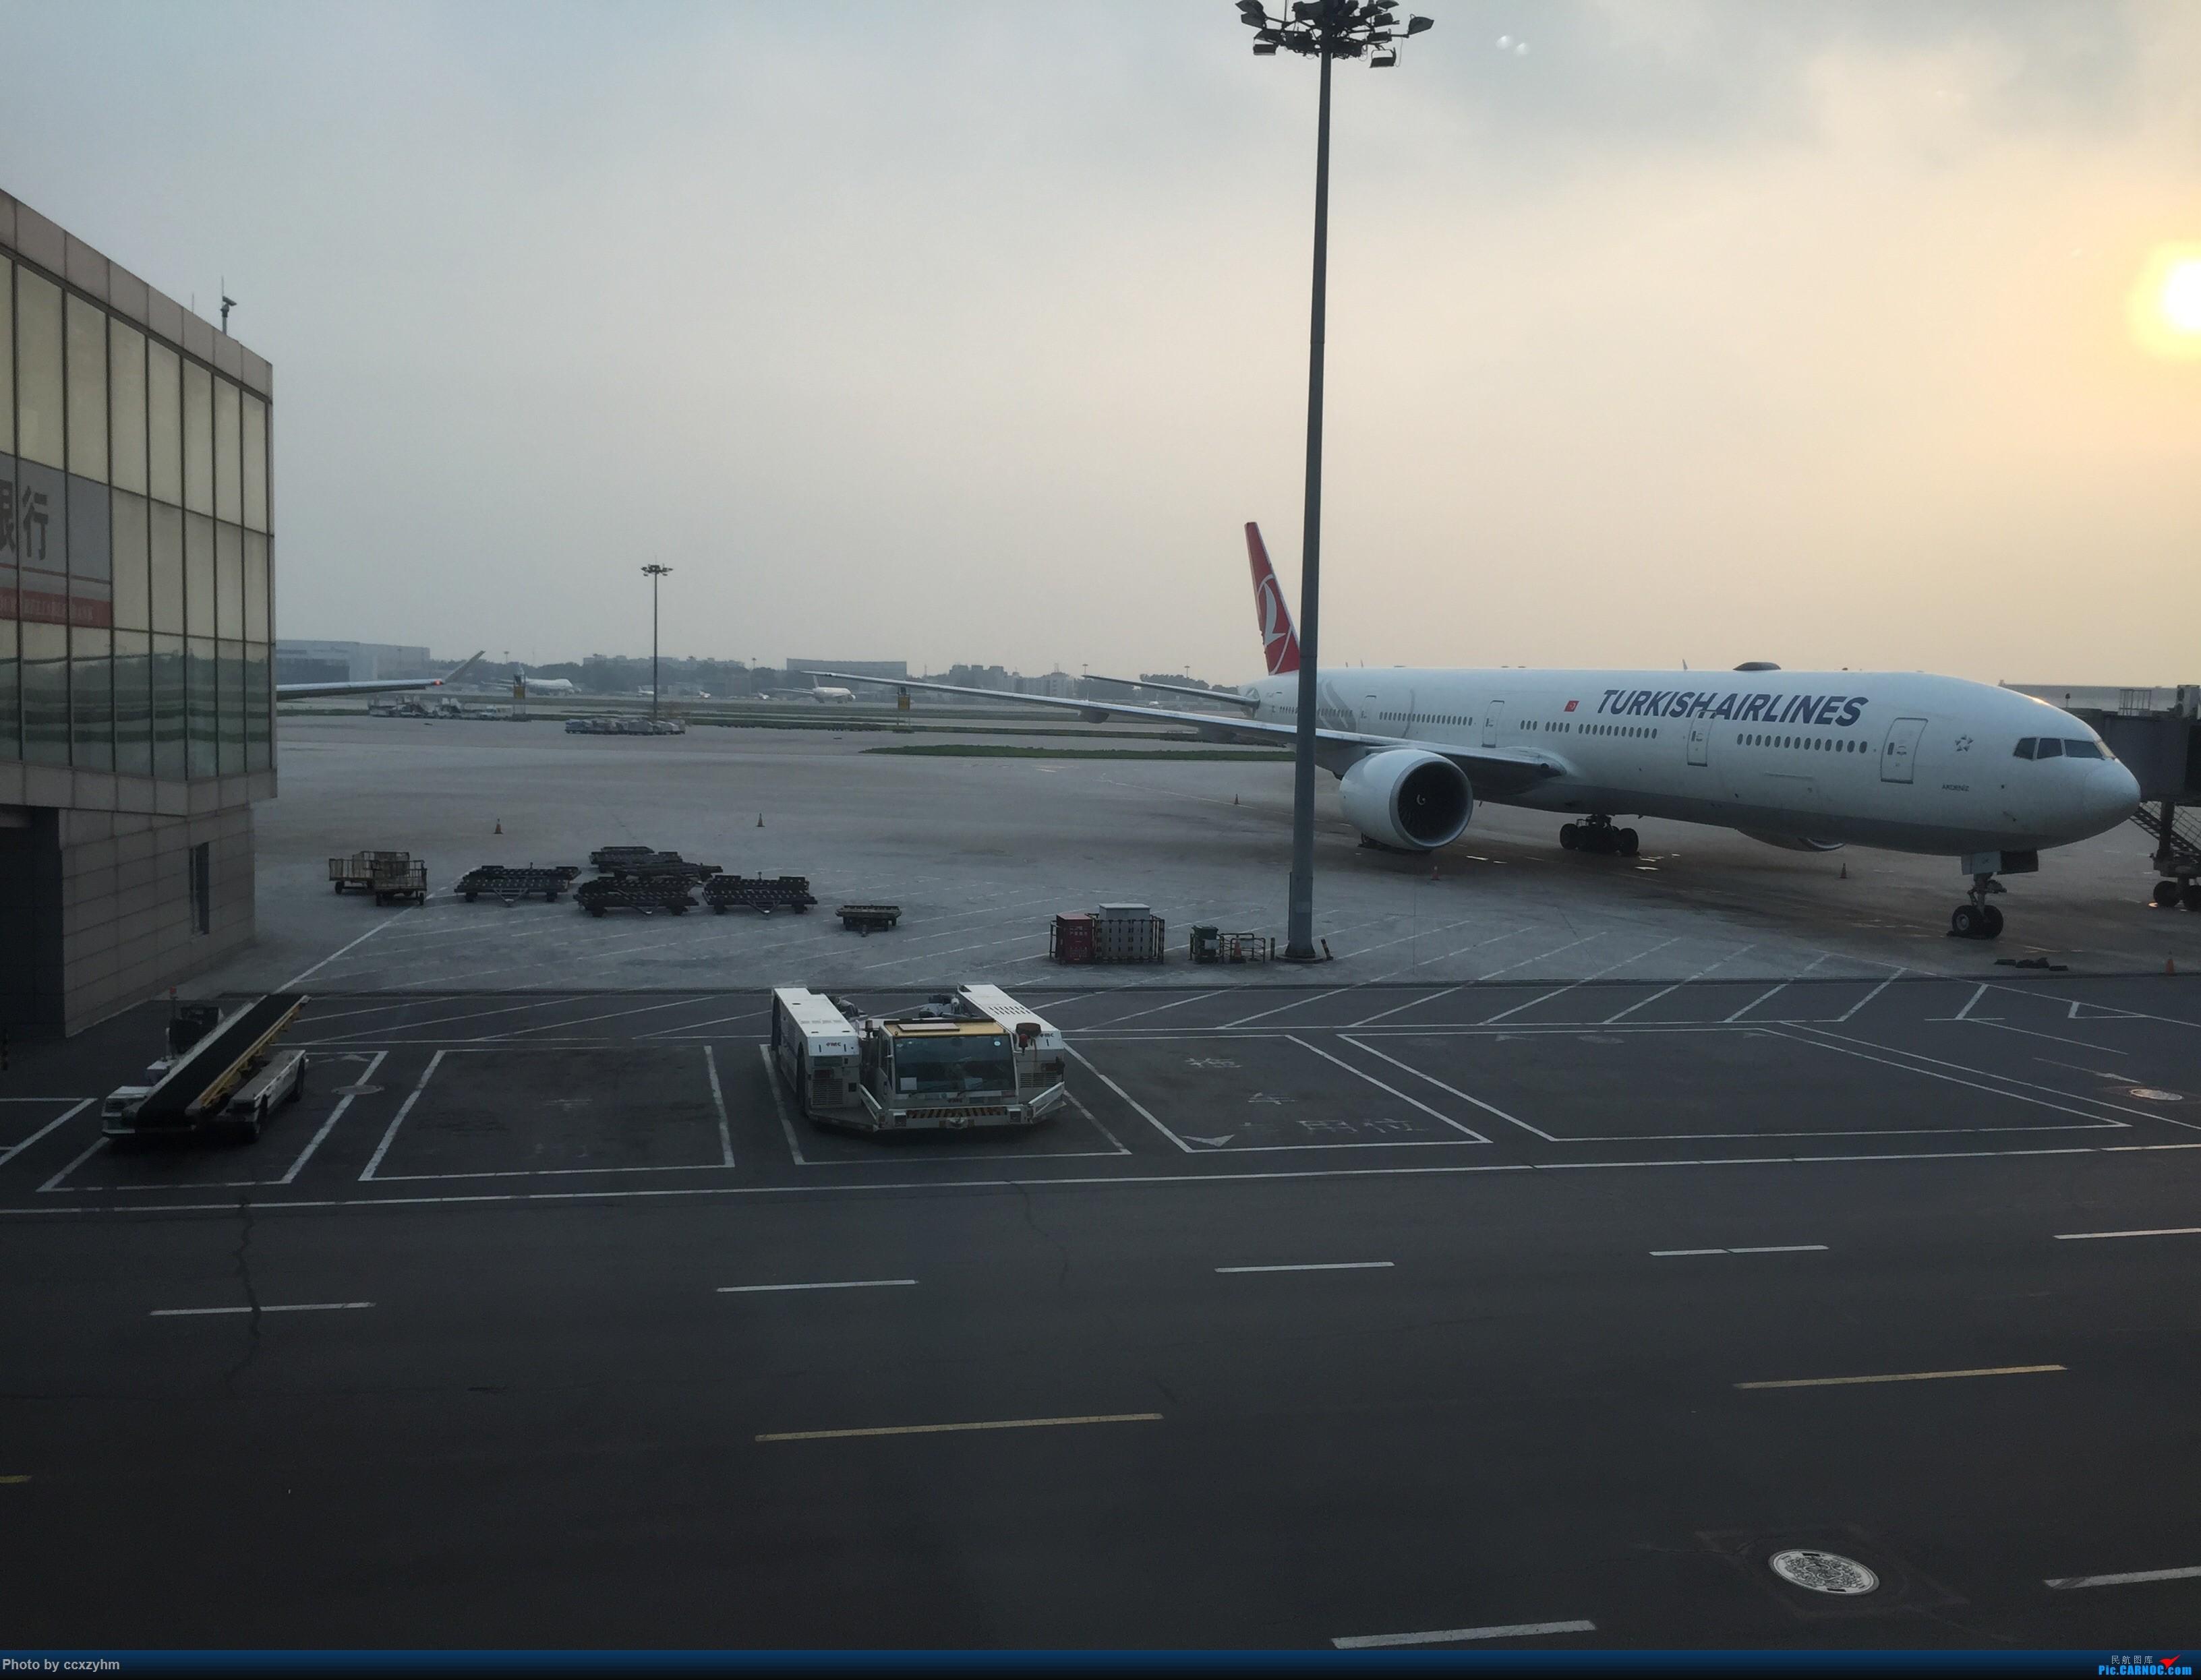 Re:[原创]PEK-HKG-SIN 港龙+国泰 KA+CX 暑假游坡县 BOEING 777-300ER  PEK